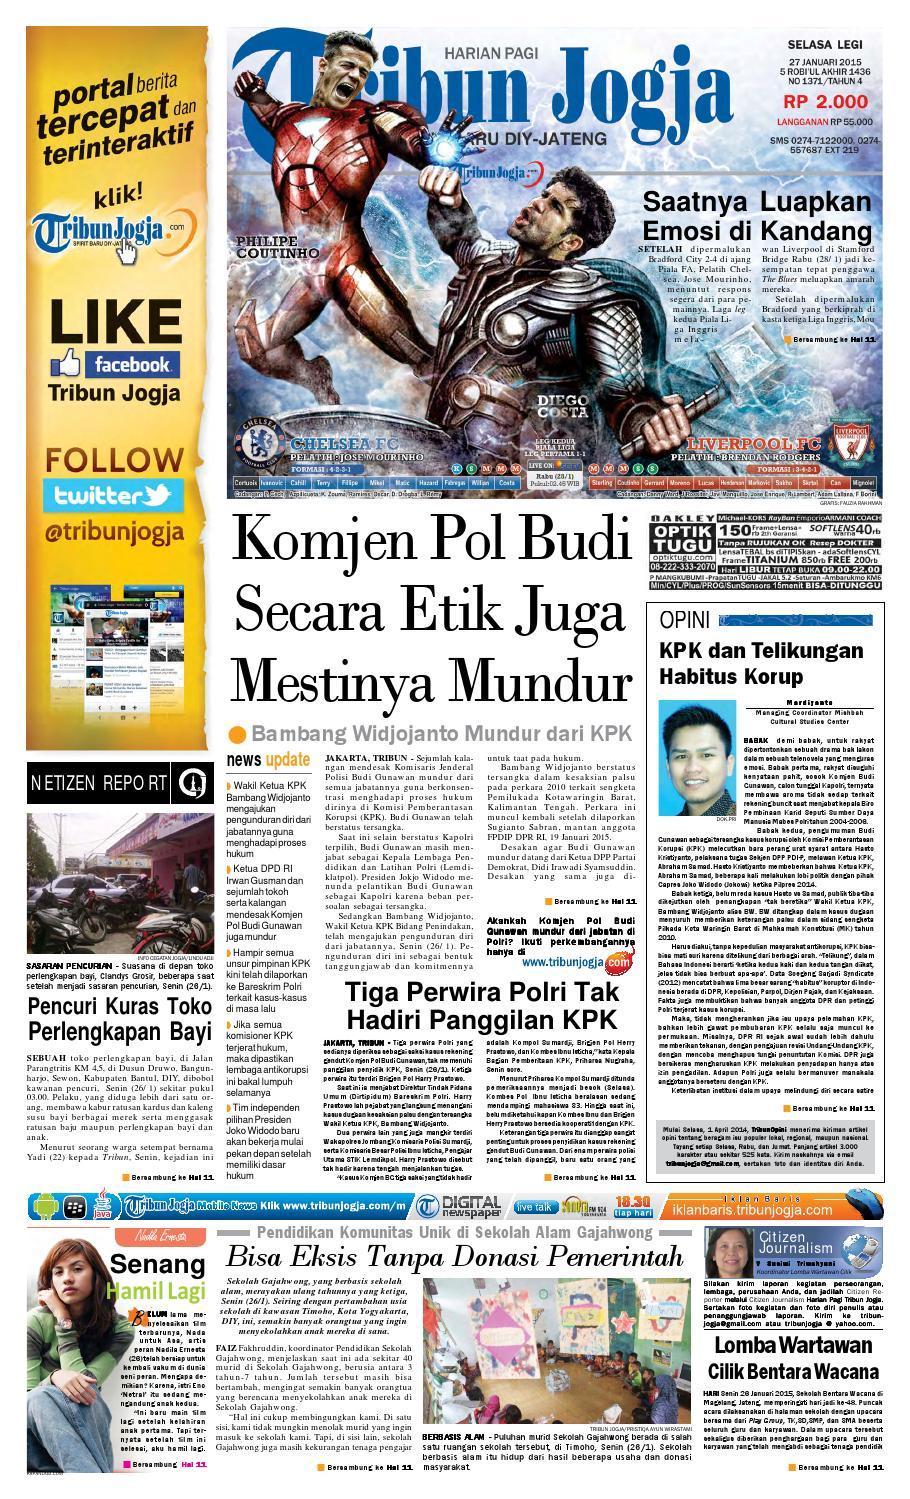 Tribunjogja 27 01 2015 By Tribun Jogja Issuu Fcenter Meja Rias Siantano Mr 905 Jawa Tengahdiyjawa Timur